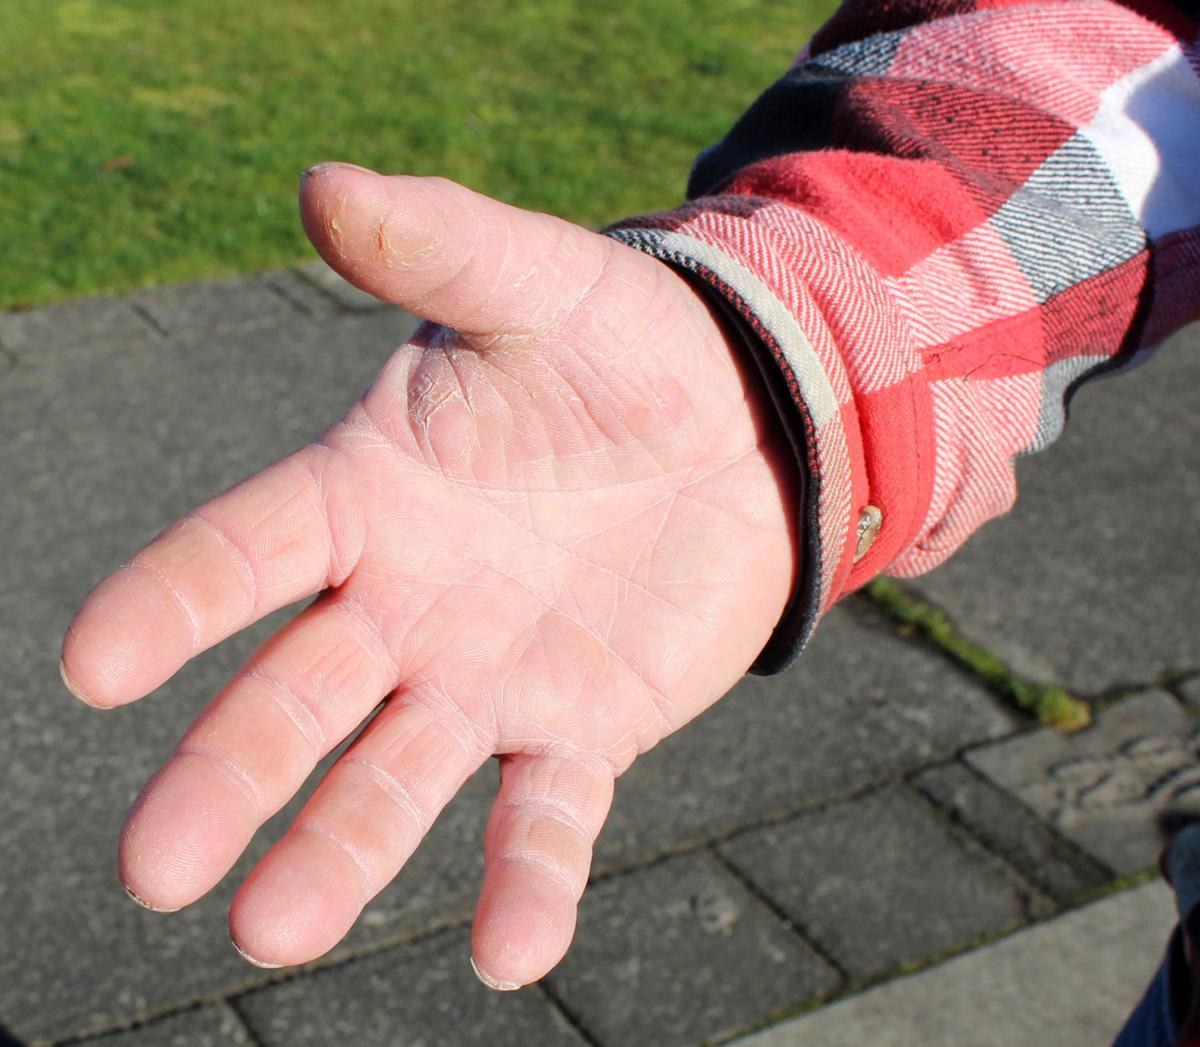 FisherPoet Tom Hilton's hands